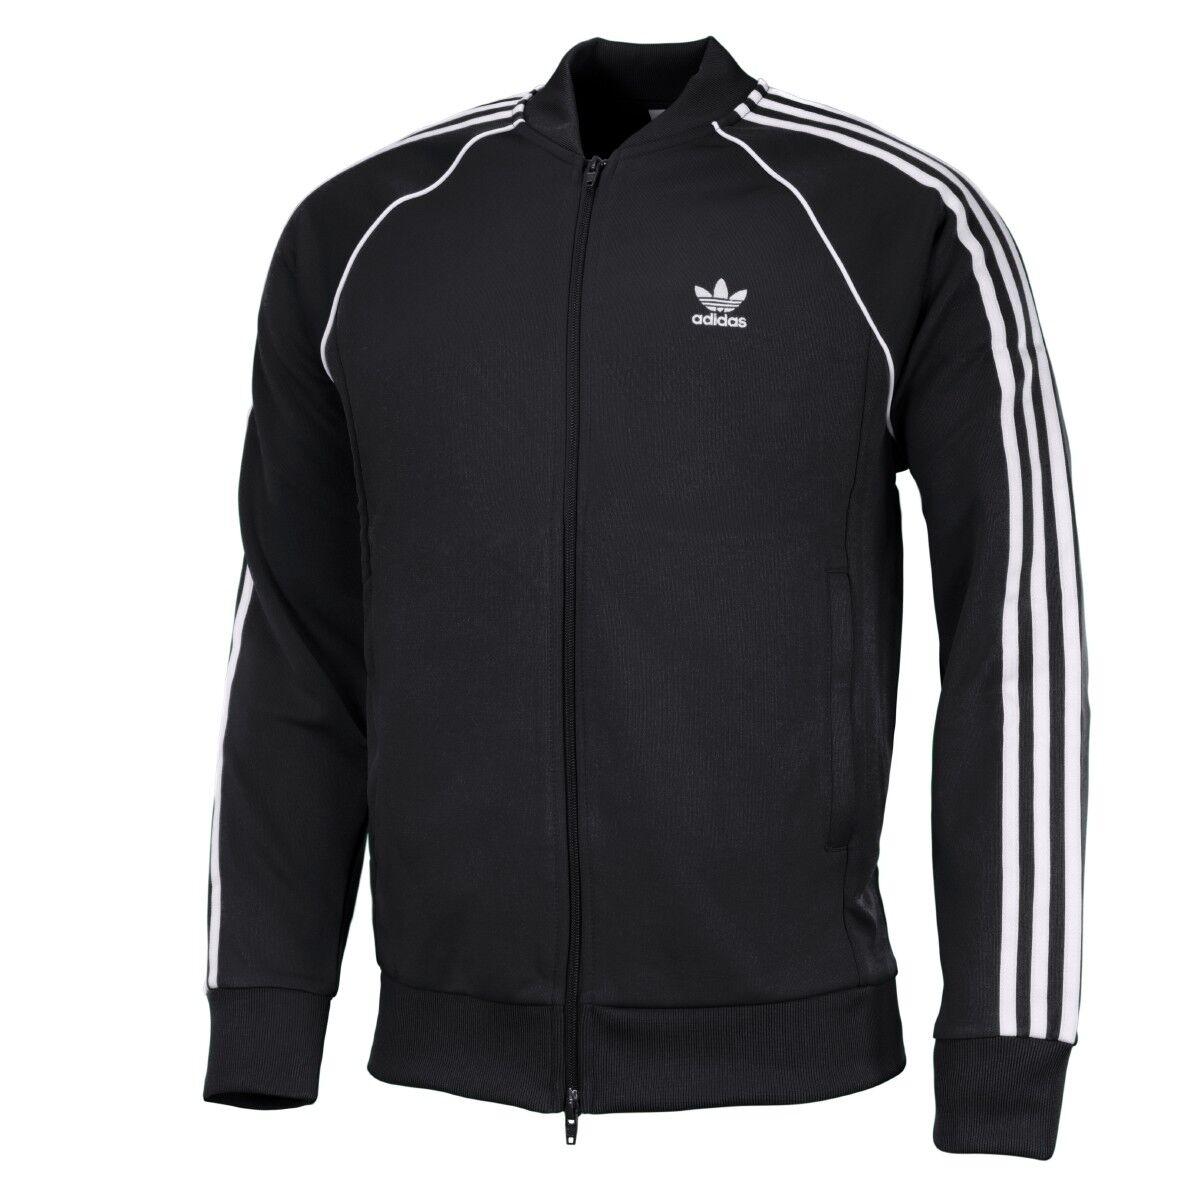 Adidas SST tracktop Originals chaqueta sport ocio Training chaqueta negro cw1256